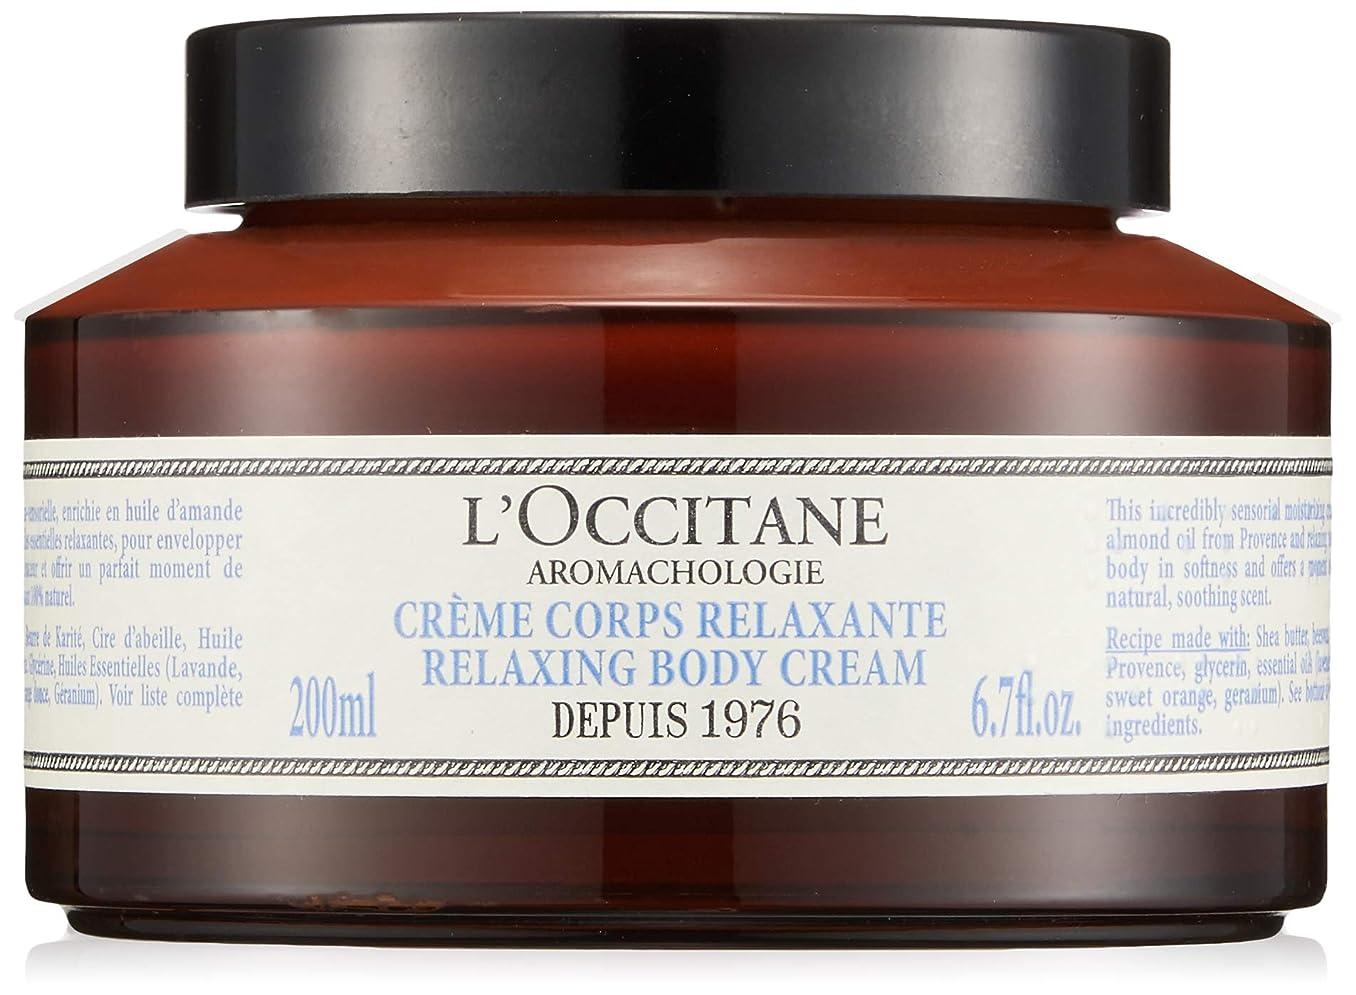 ランドリー売り手絶対のロクシタン(L'OCCITANE) リラクシング ボディクリーム 200ml